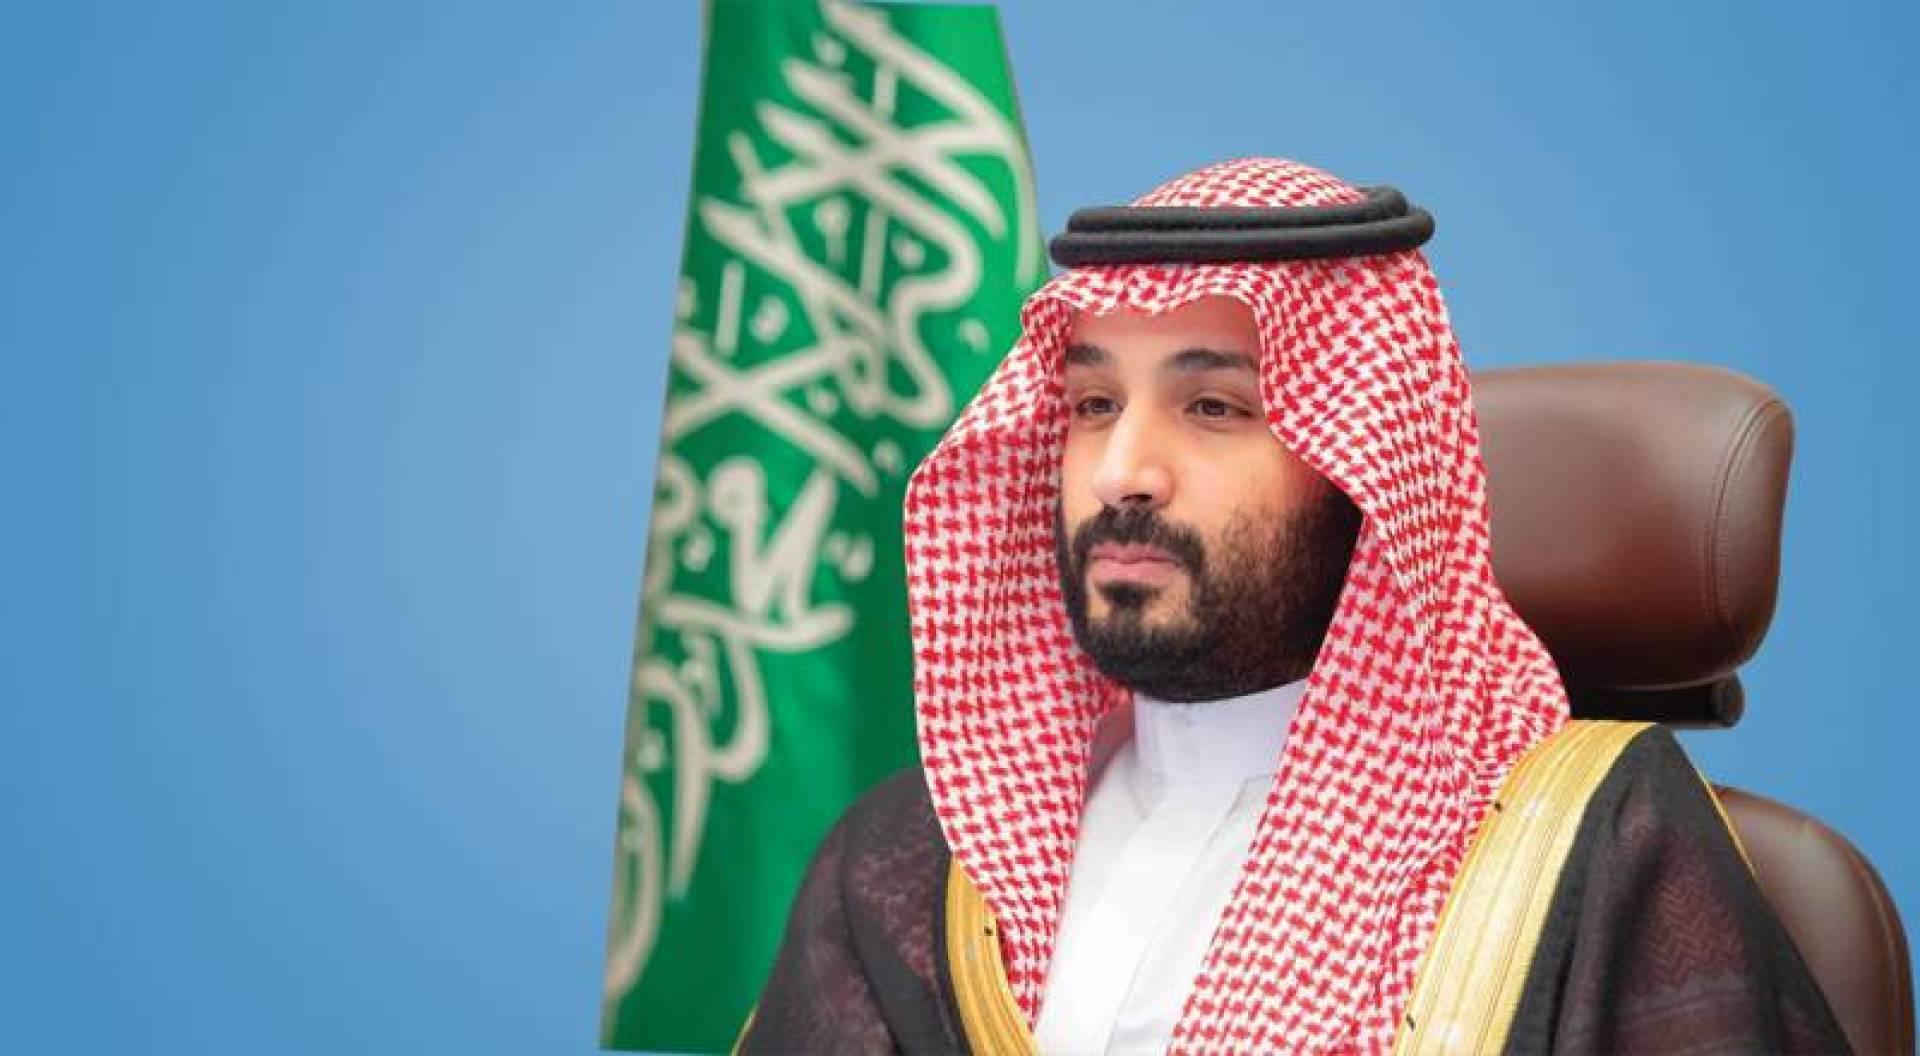 ولي العهد السعودي: مشروع «ذا لاين» في نيوم سيكون بطاقة متجددة 100%